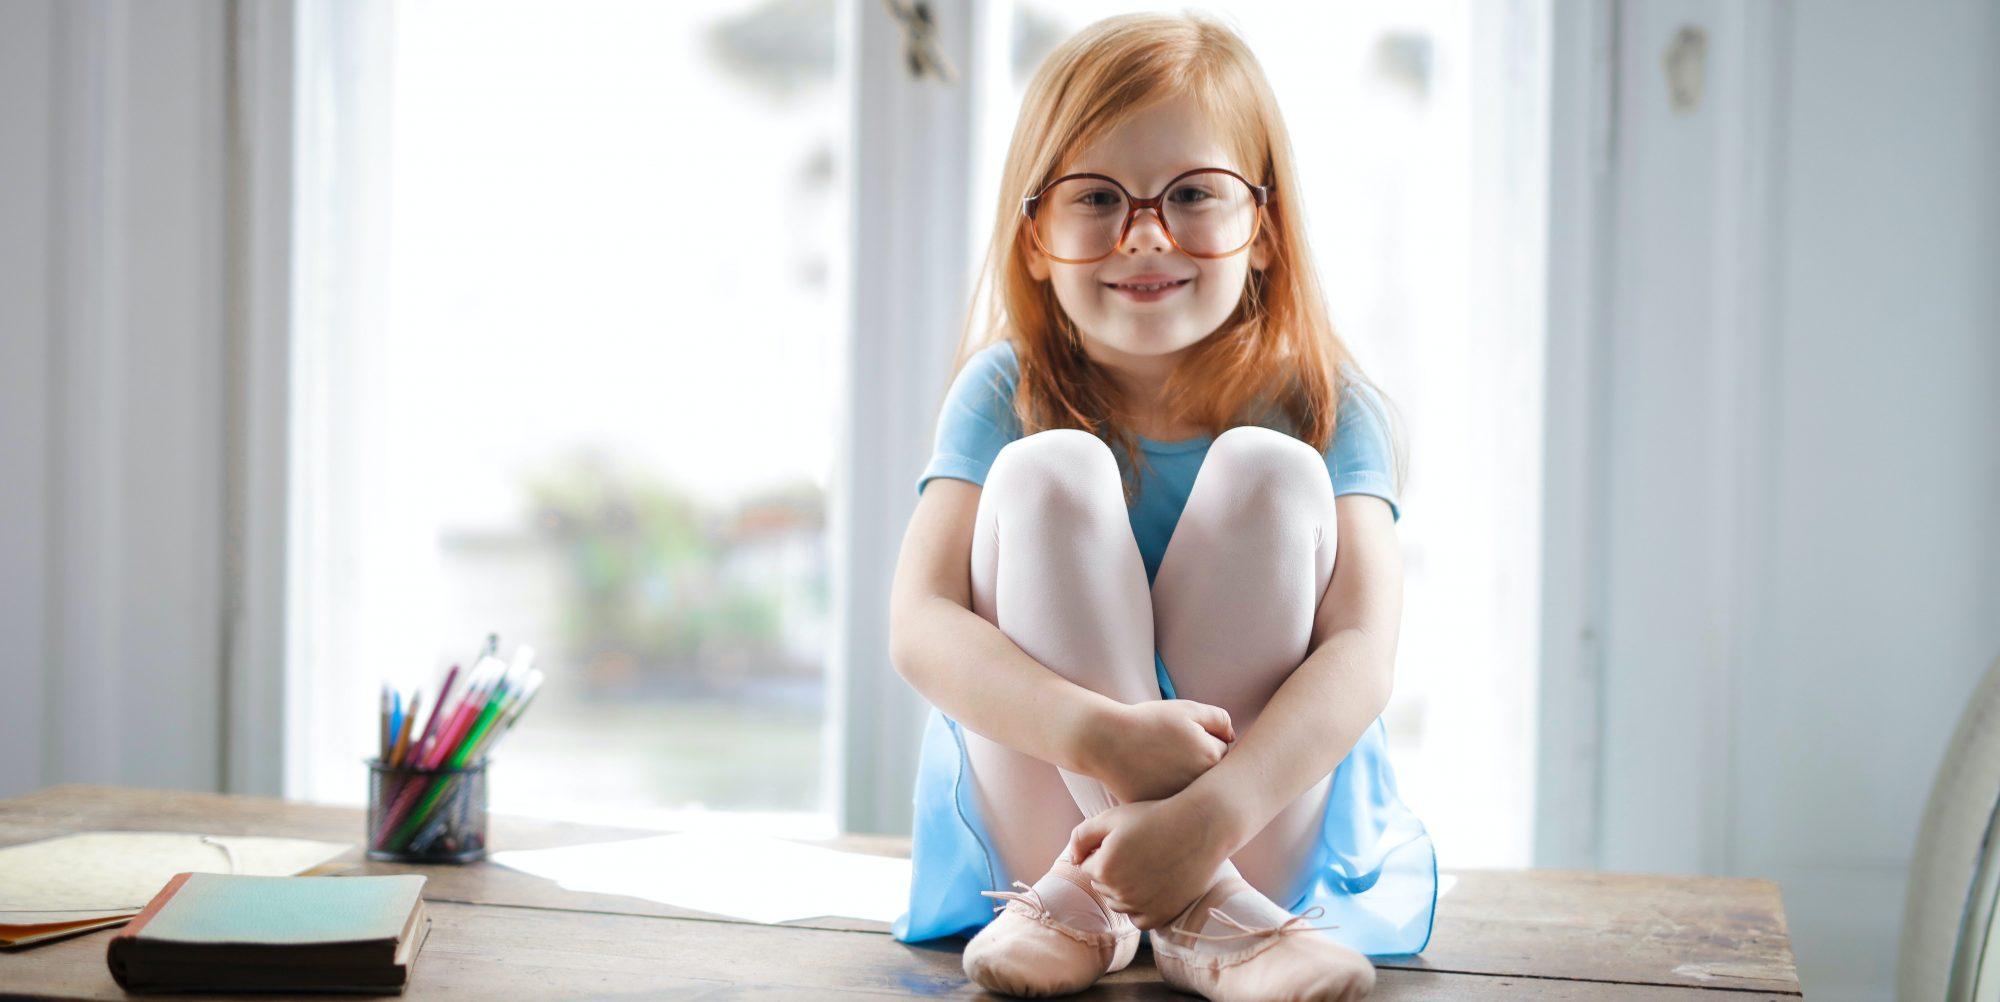 4 εύκολοι τρόποι να μάθεις στο παιδί σου για την εξοικονόμηση ενέργειας στο σπίτι Μπορεί να είναι αρκετά δύσκολο να μιλήσεις στο παιδί σχετικά με την κλιματική αλλαγή και τη σημασία της εξοικονόμησης ενέργειας.